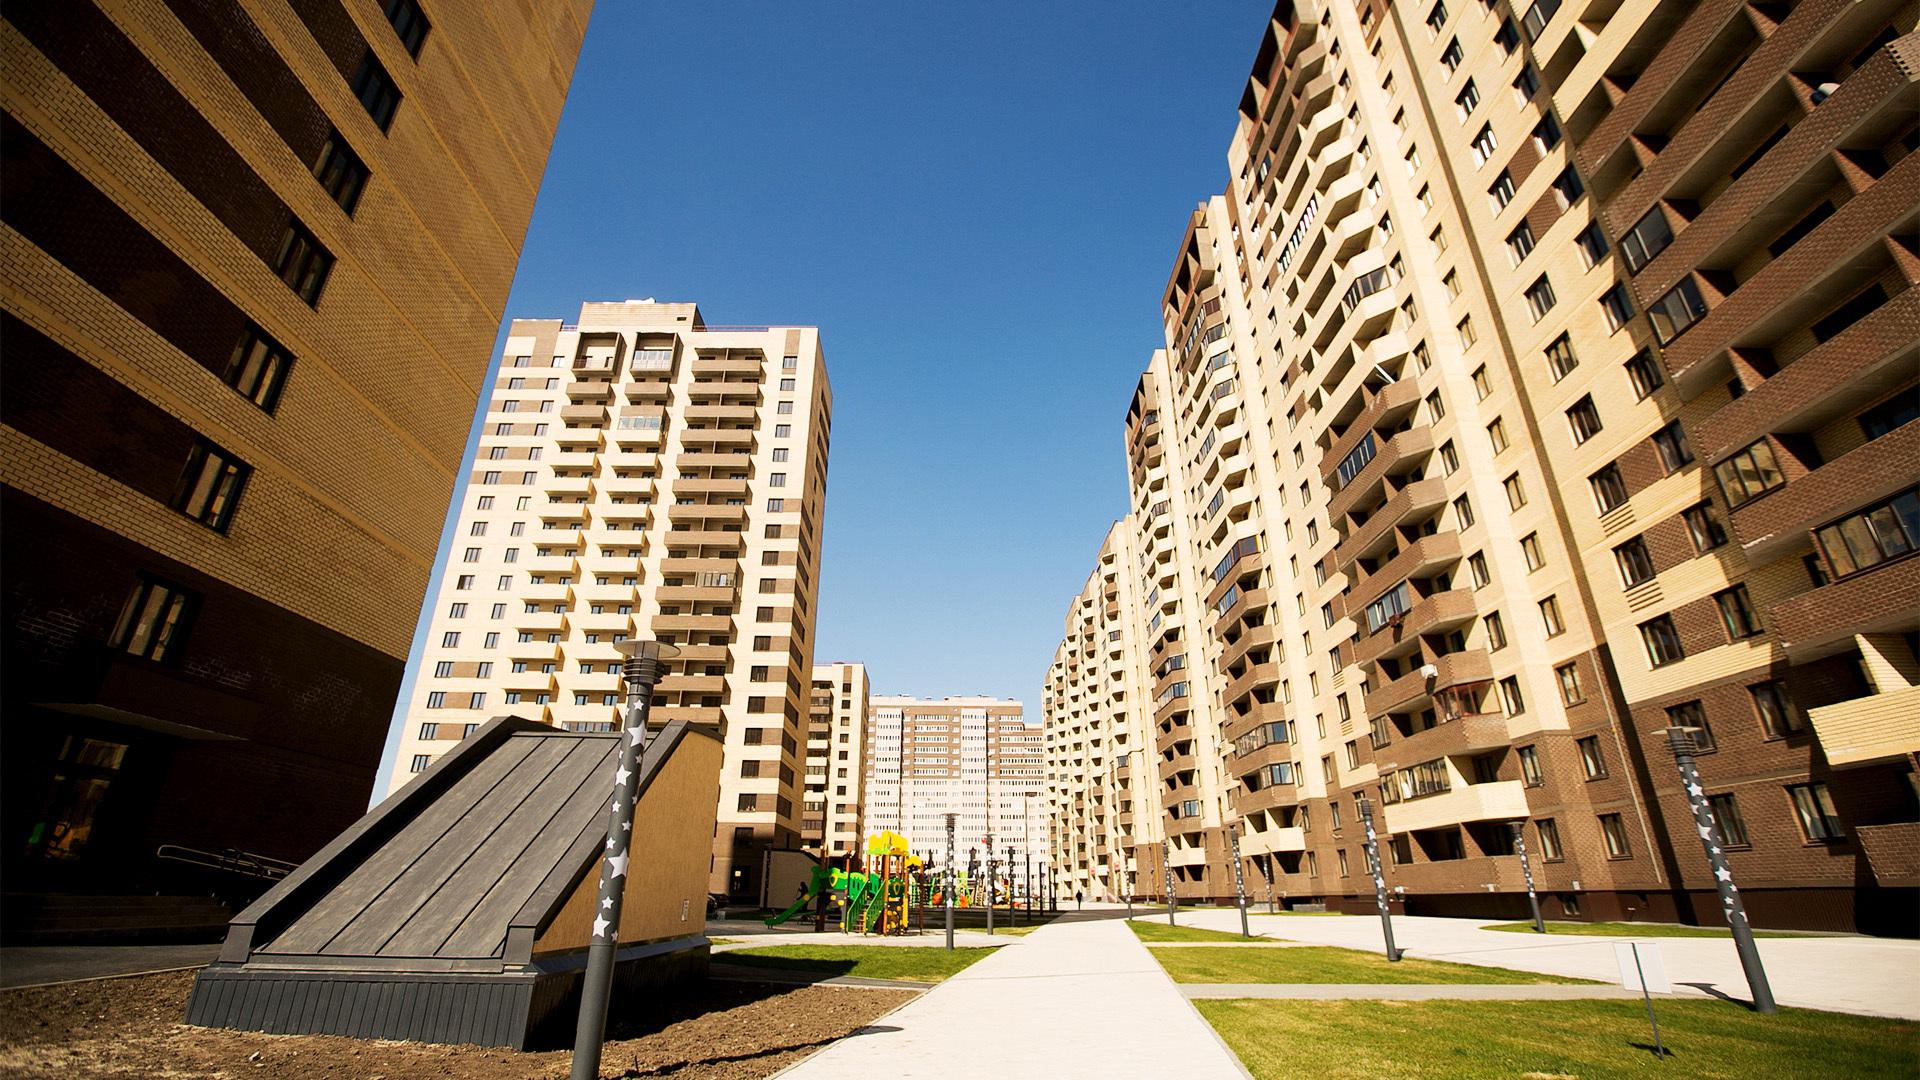 Квартира в районе, удаленном от центра города, предоставляет жильцам все необходимые удобства.